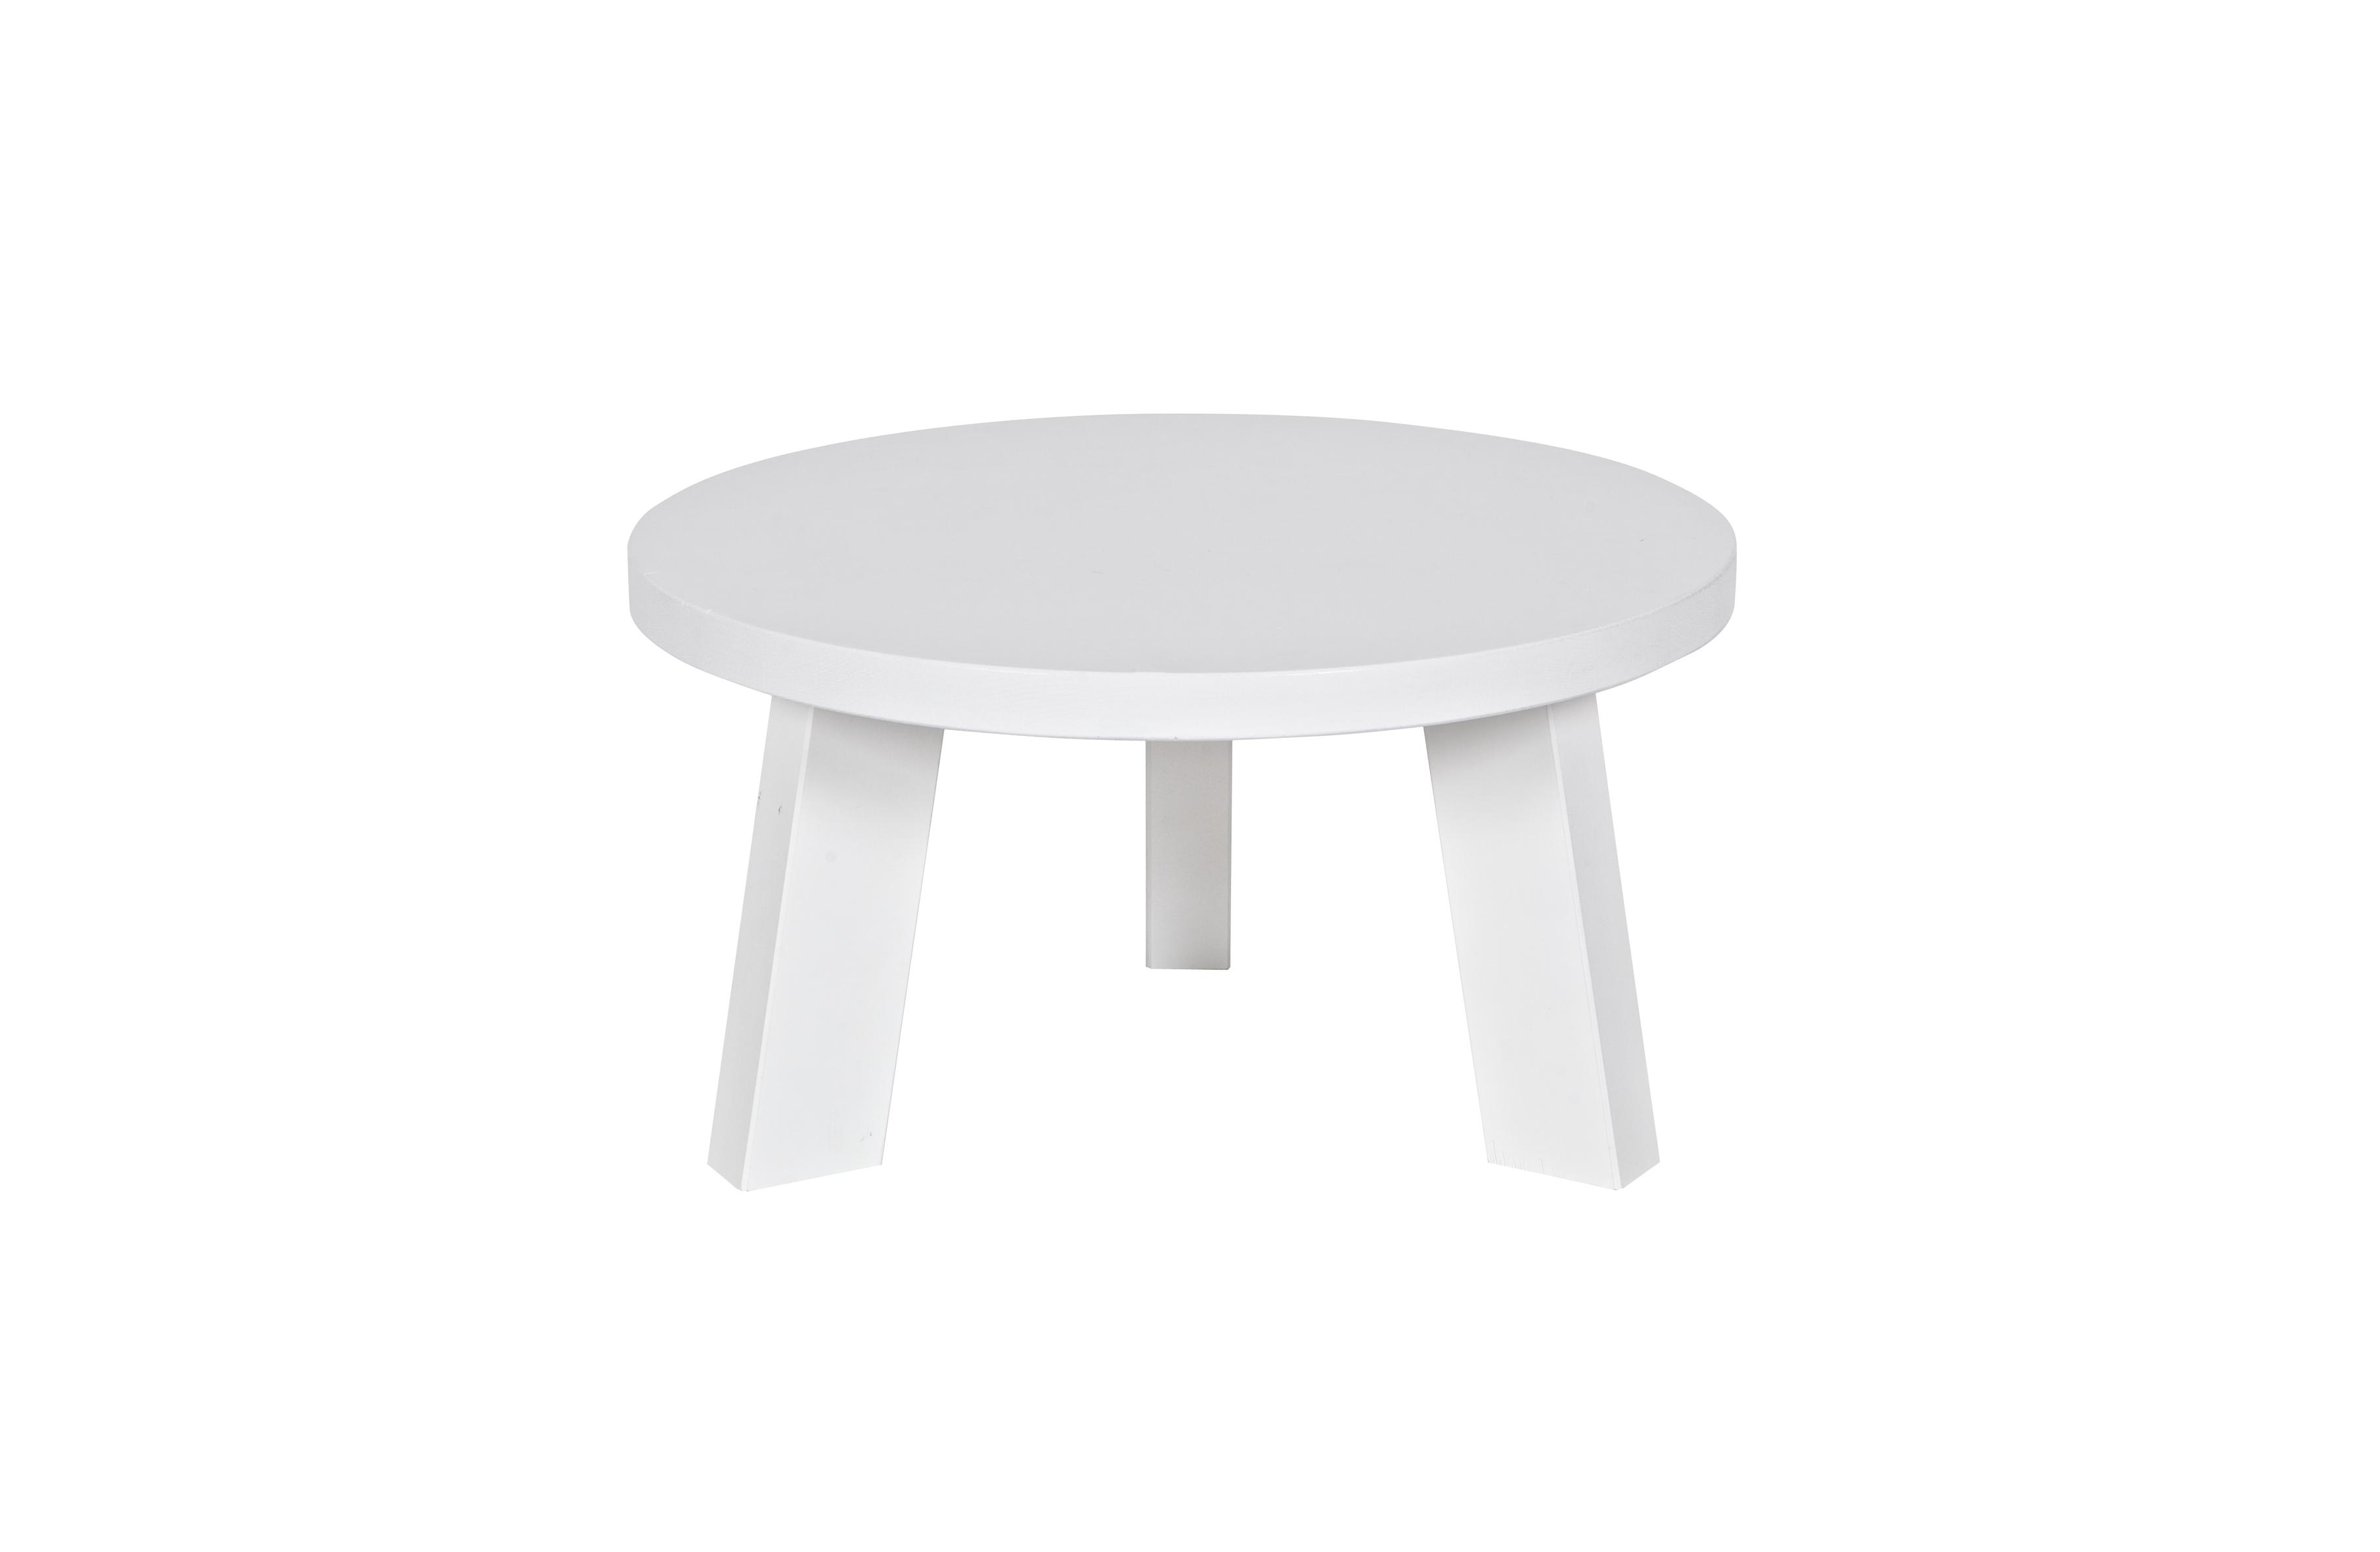 Ikea kleine tafel: ikea cm magnettafel memoboard wandtafel tafel